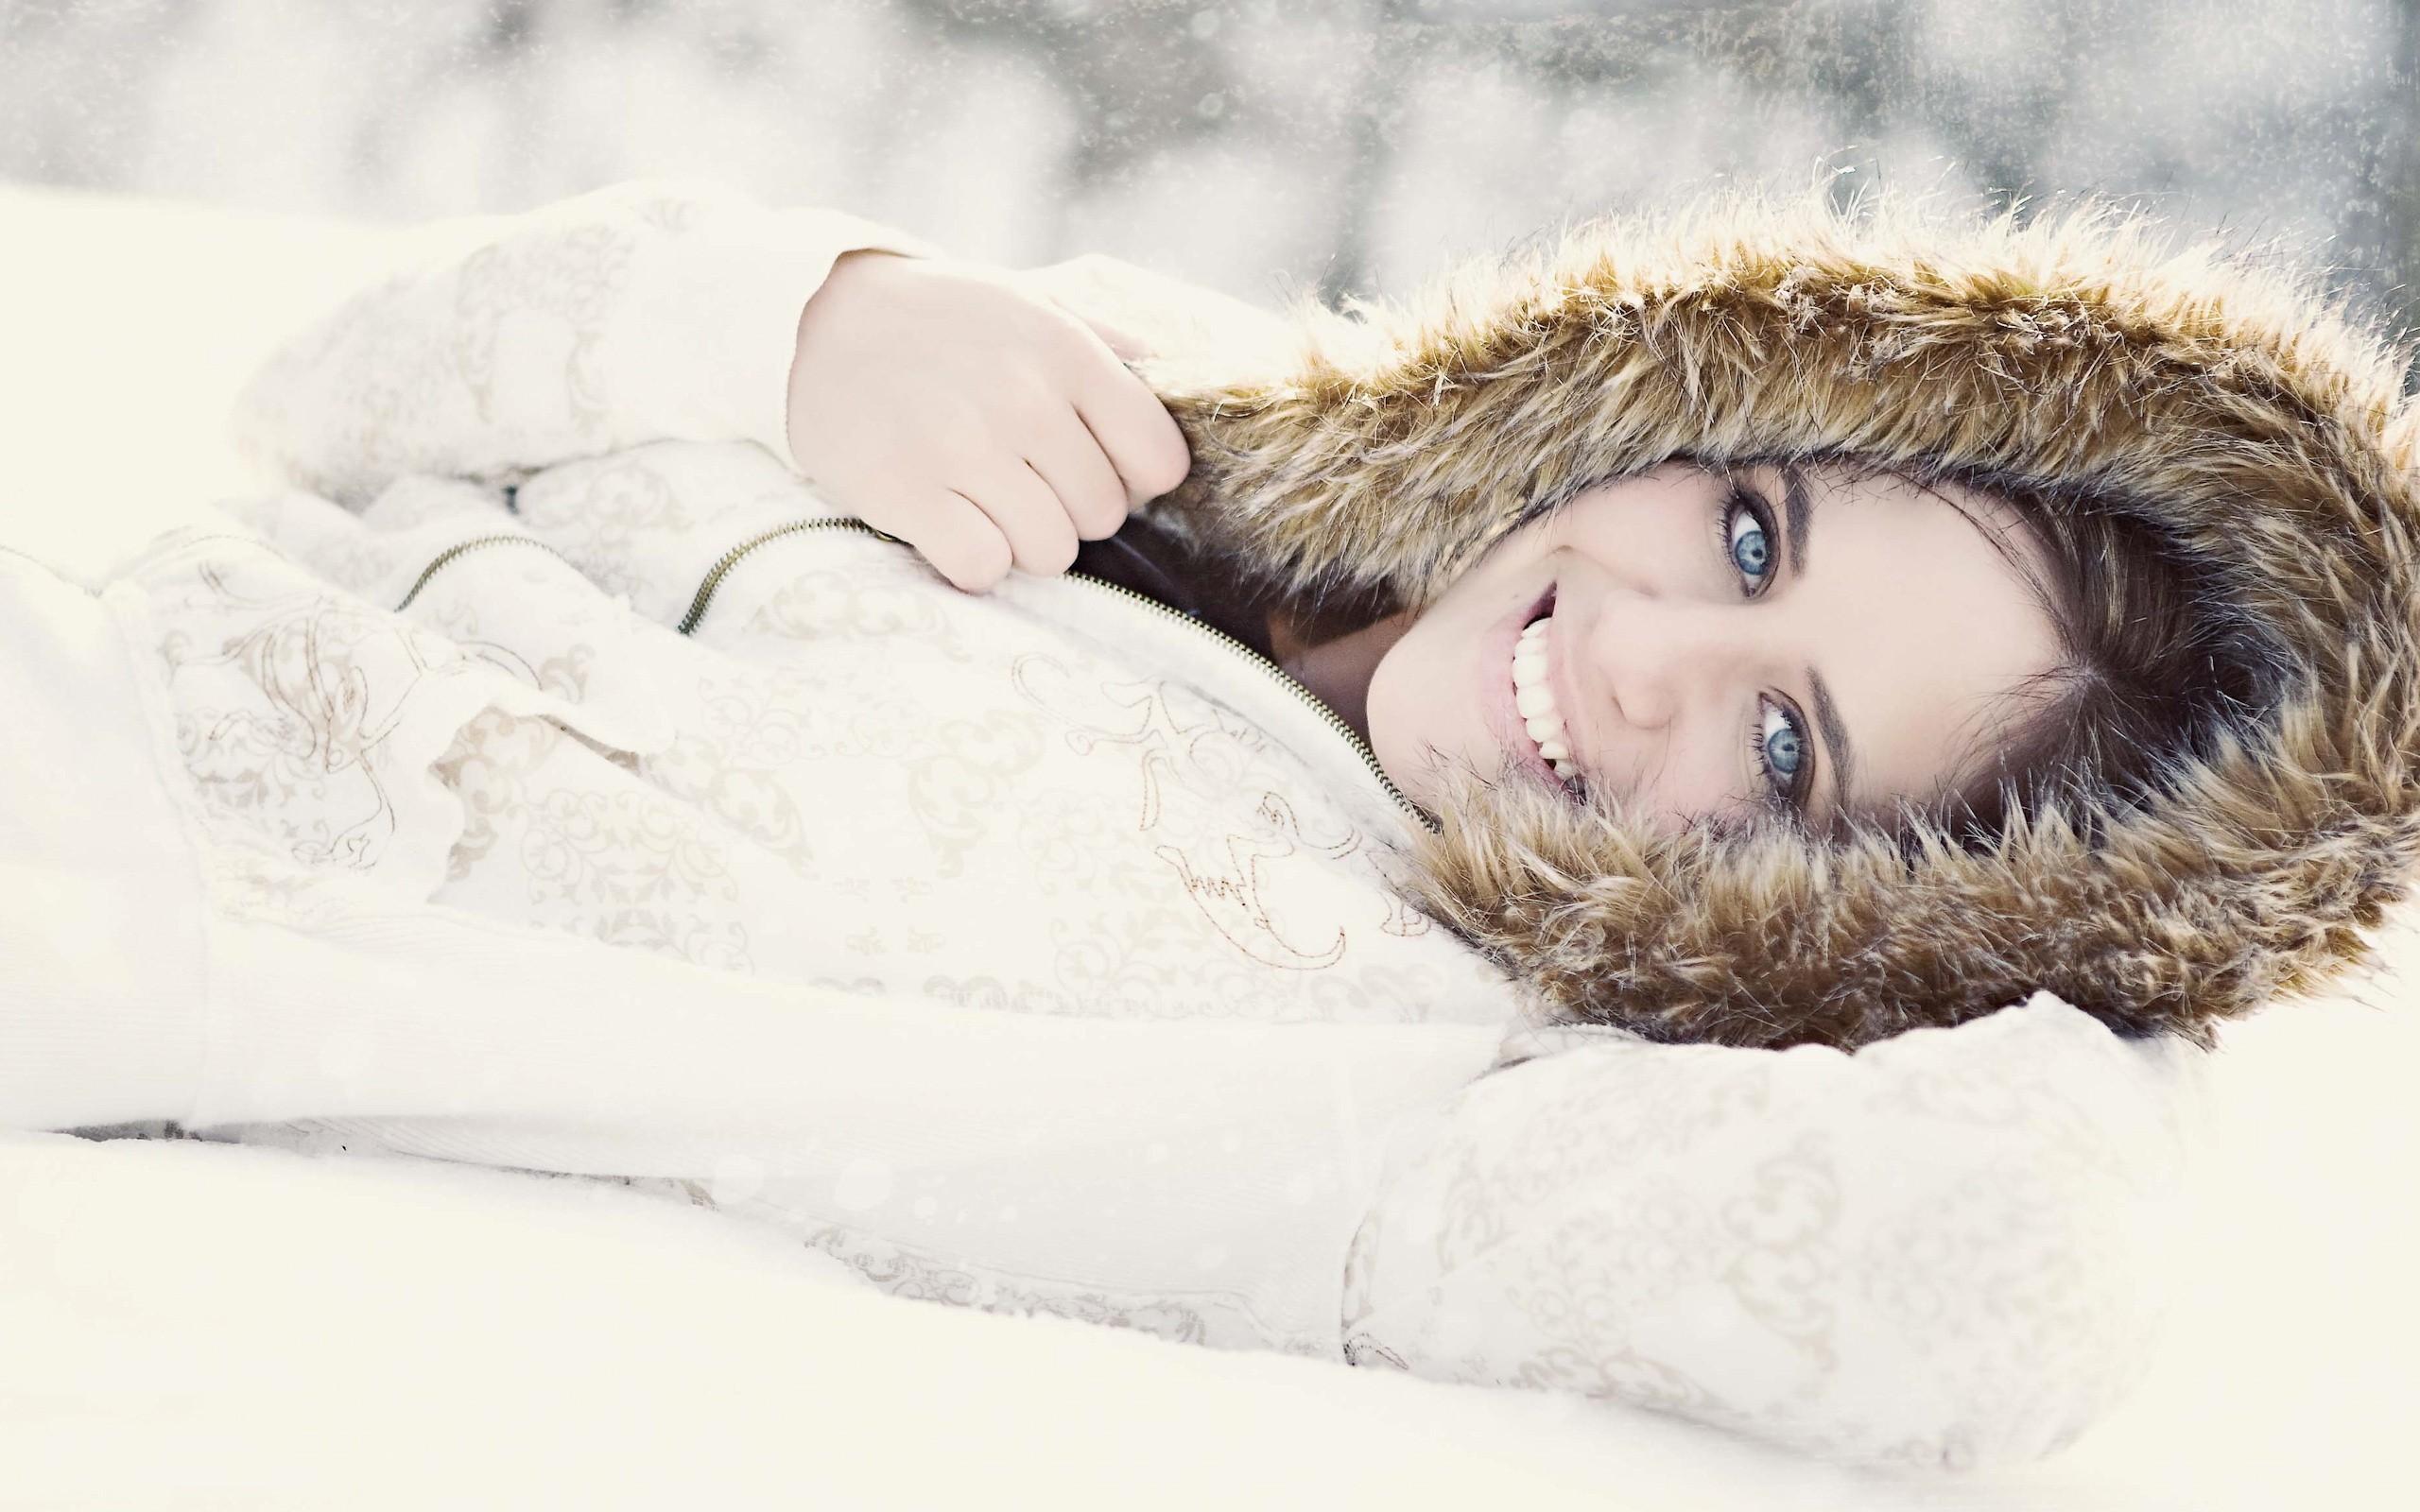 позы для фото лежа в снегу наполнят